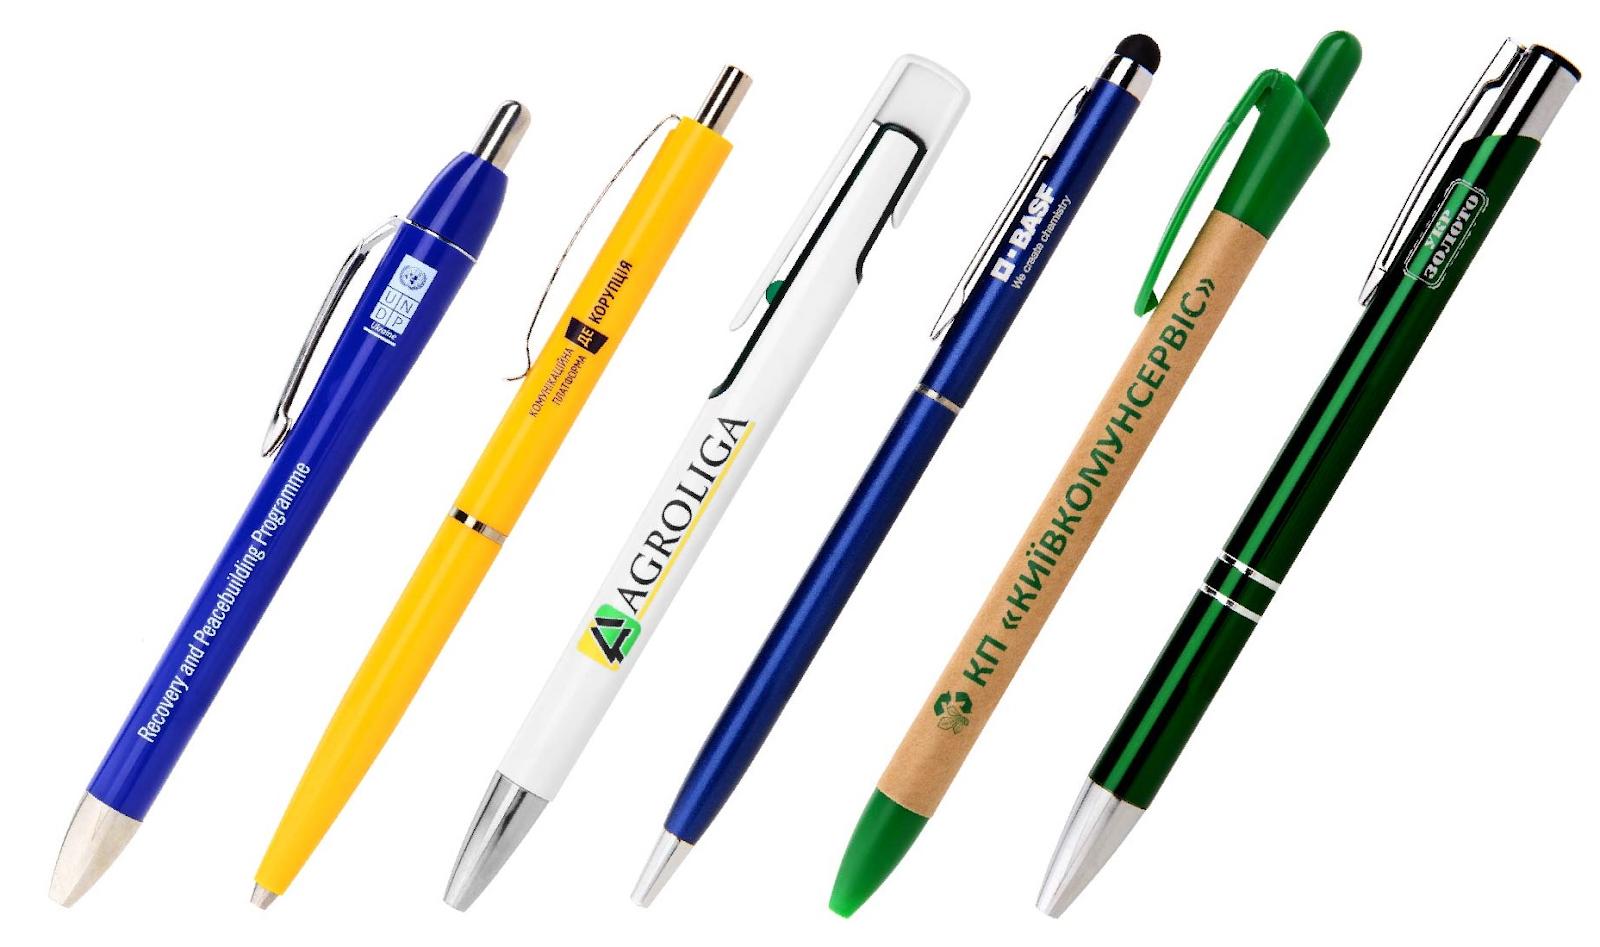 Нанесение логотипа на ручки в Киеве – с компанией deksgroup.com